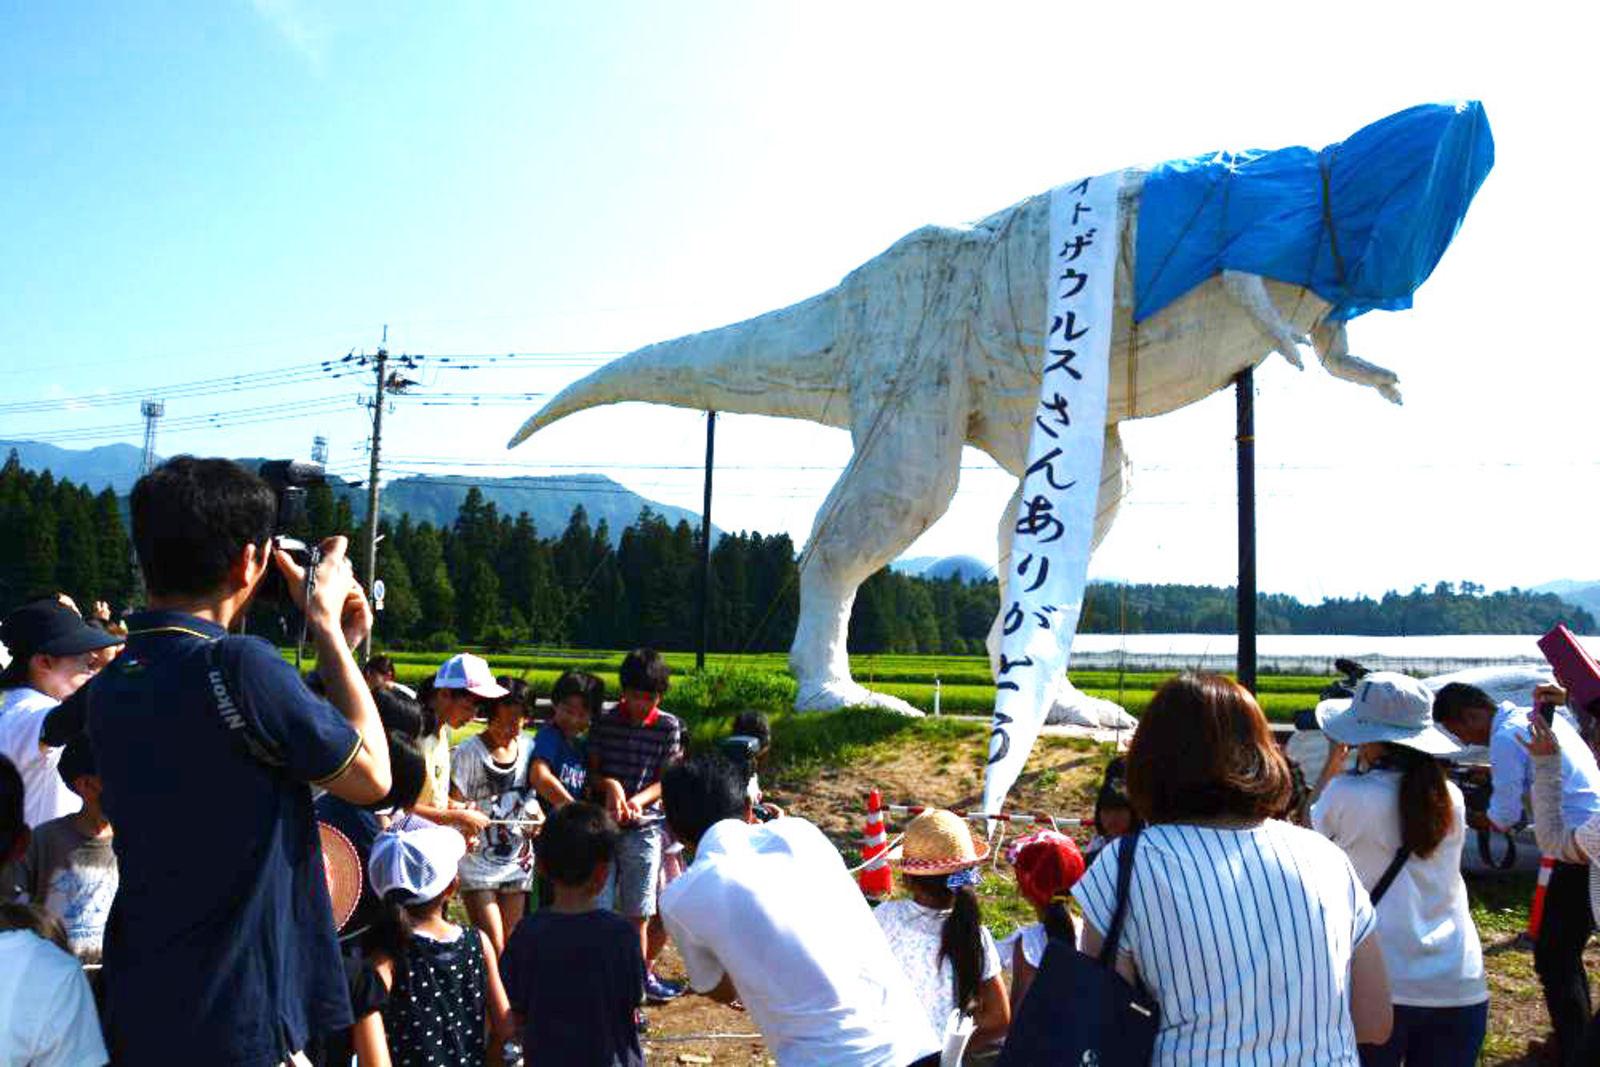 多くの人が別れを惜しんだ「ホワイトザウルスお別れ会」(写真提供: 勝山市)